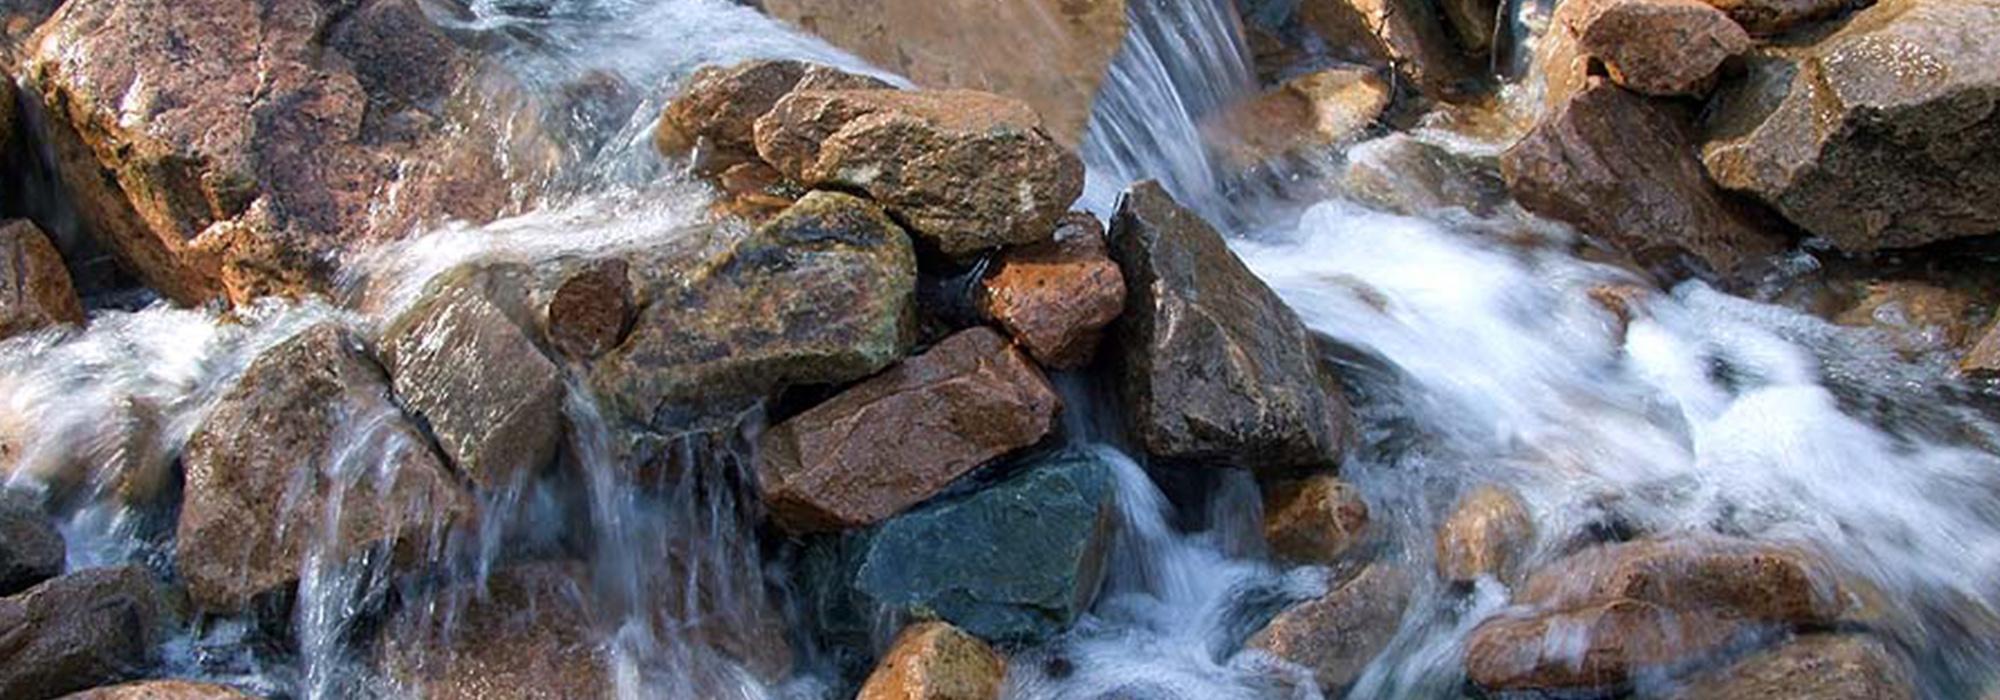 SLIDE2-rockwater